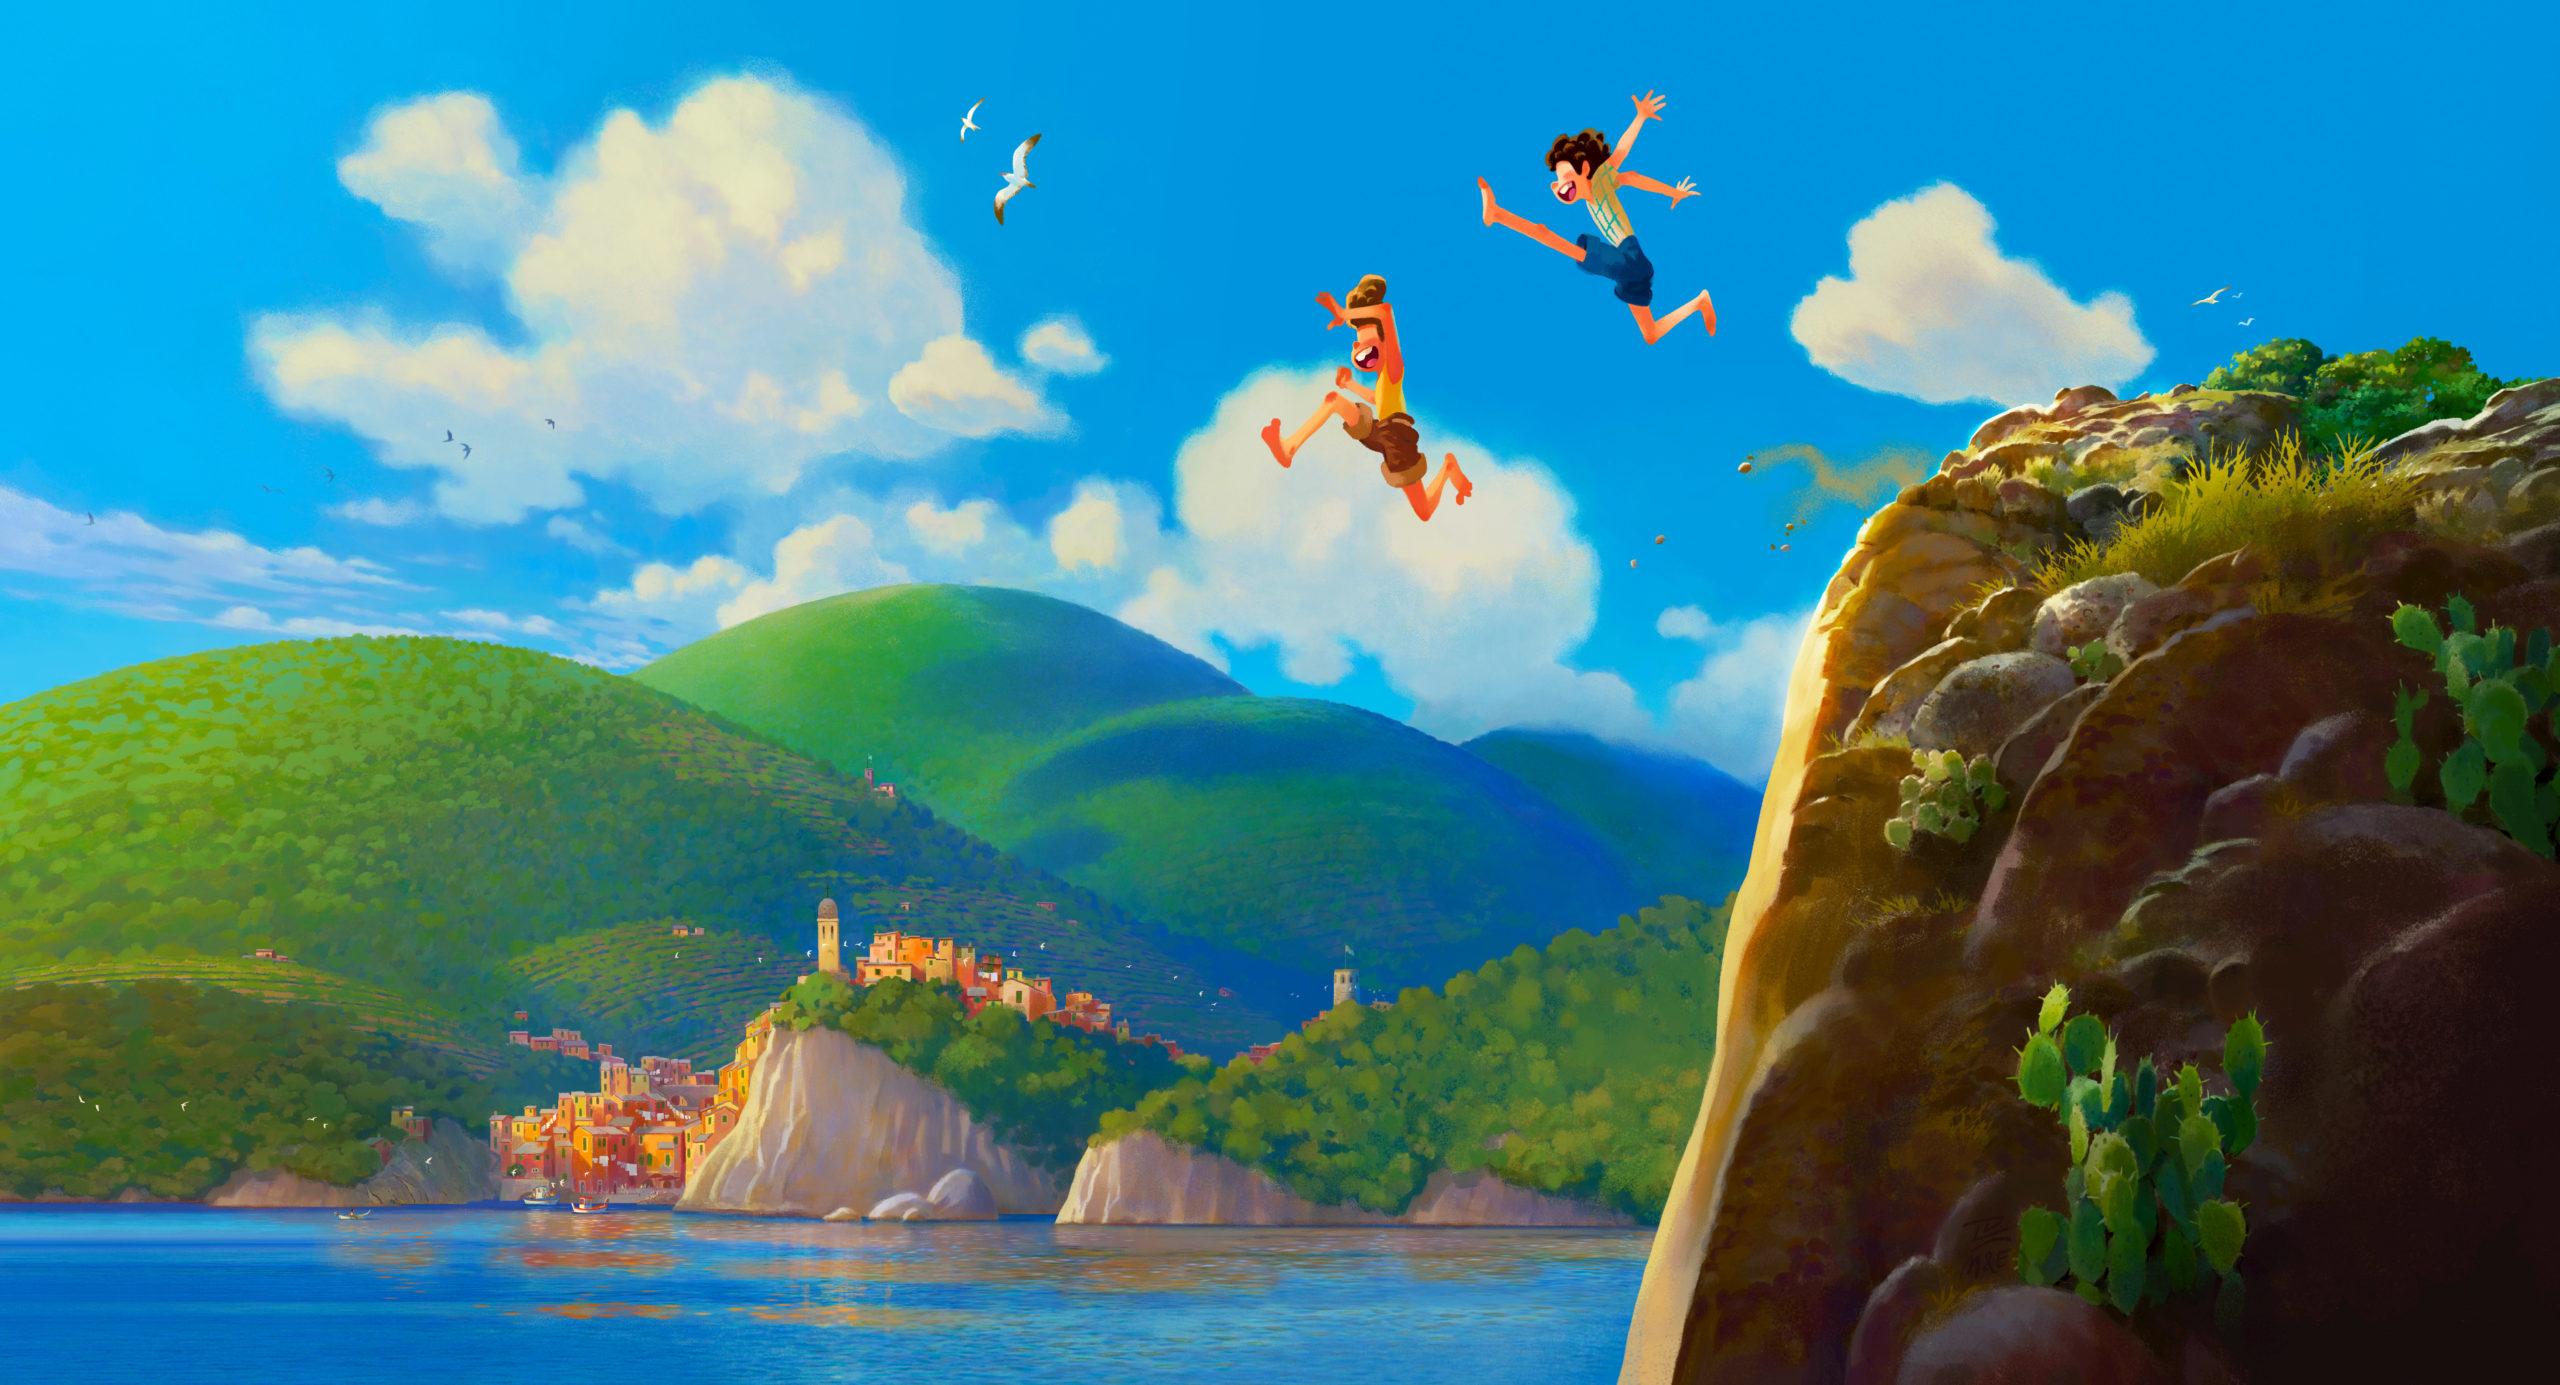 Disney-Pixar's LUCA